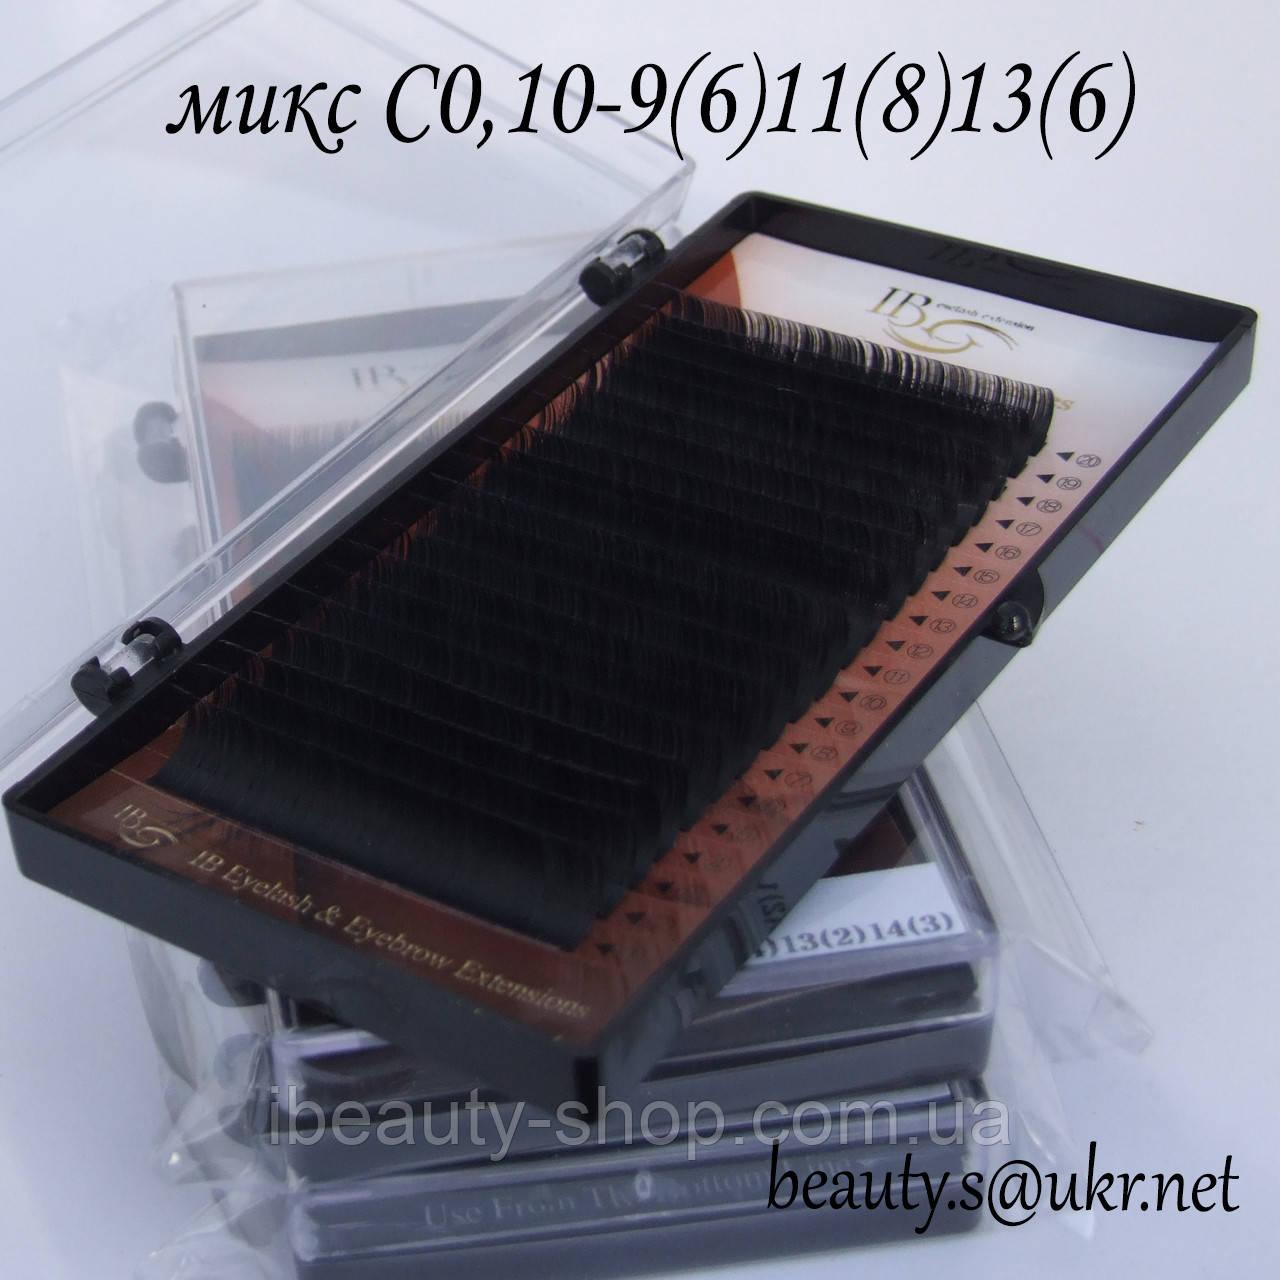 Ресницы I-Beauty микс C-0,10 9-11-13мм